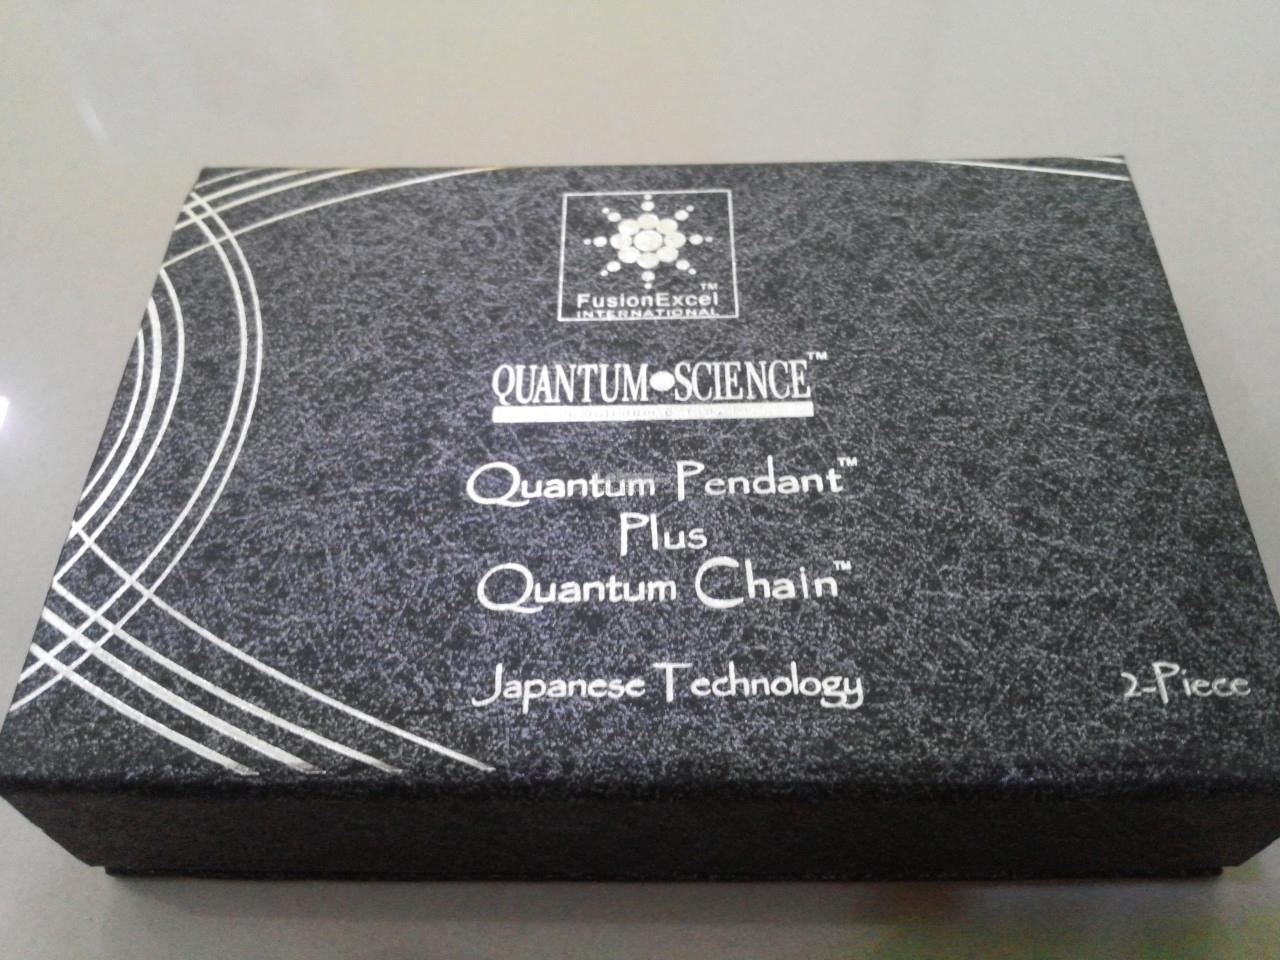 Fusion excel quantum pendant plus end 10122016 1215 pm fusion excel quantum pendant plus quantum chain genuine mozeypictures Choice Image